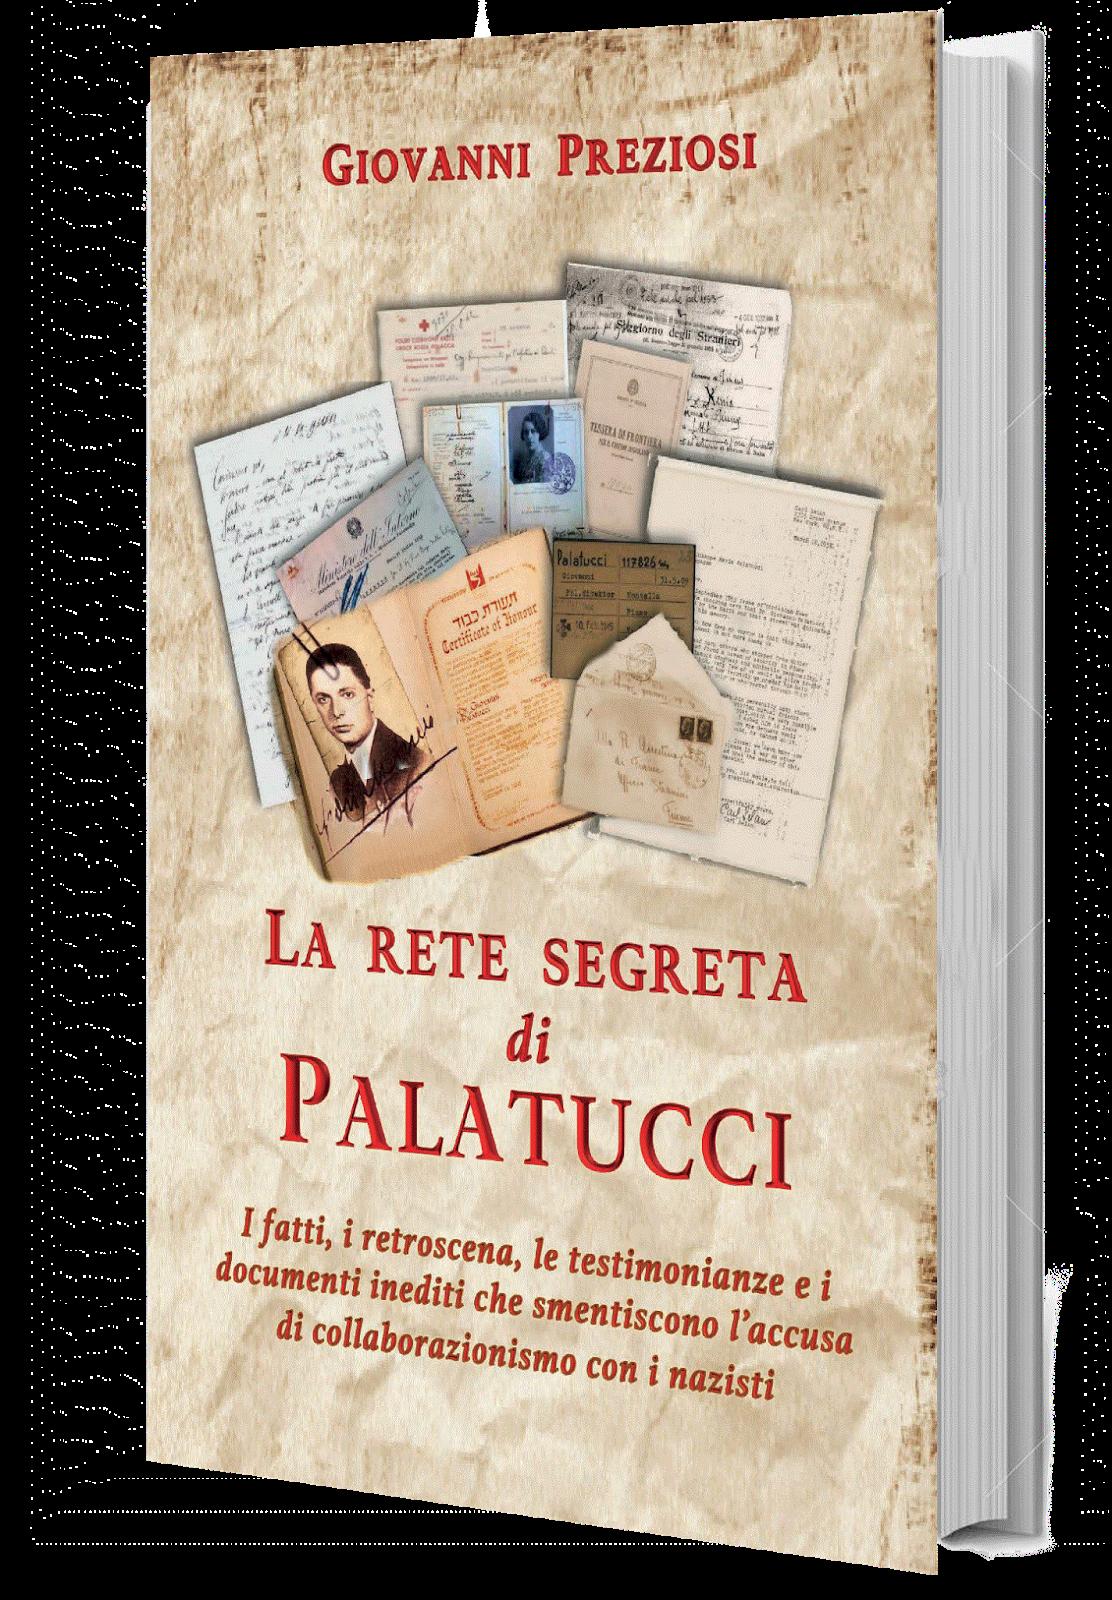 La rete segreta di Palatucci.